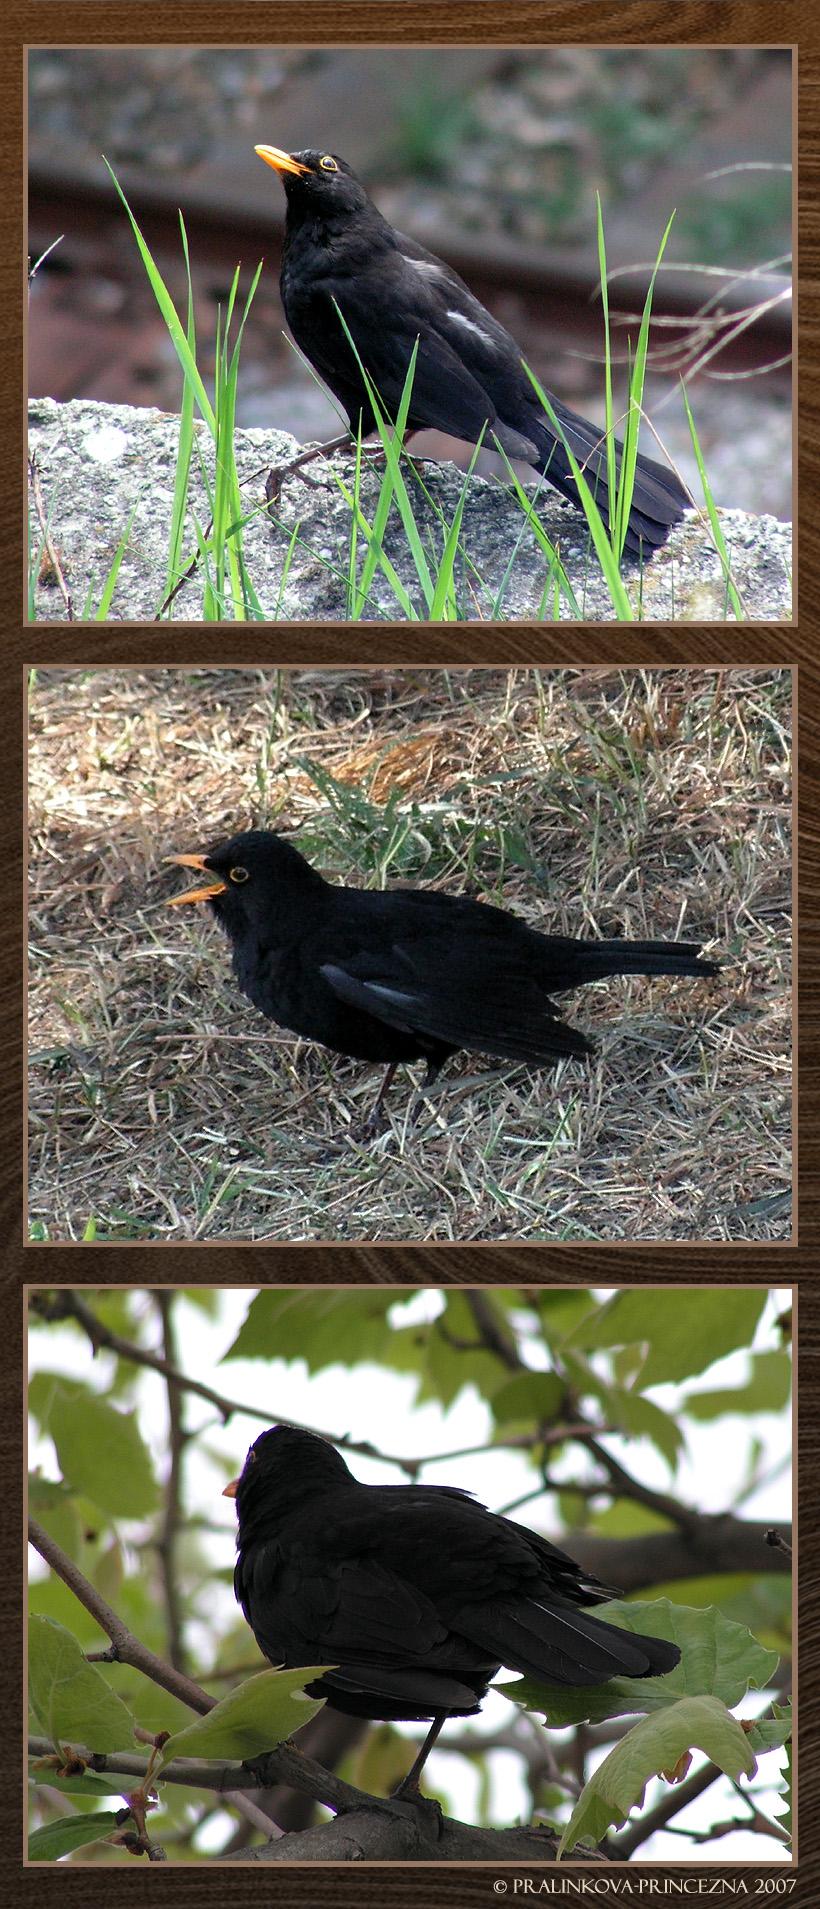 Funny blackbirds by pralinkova princezna